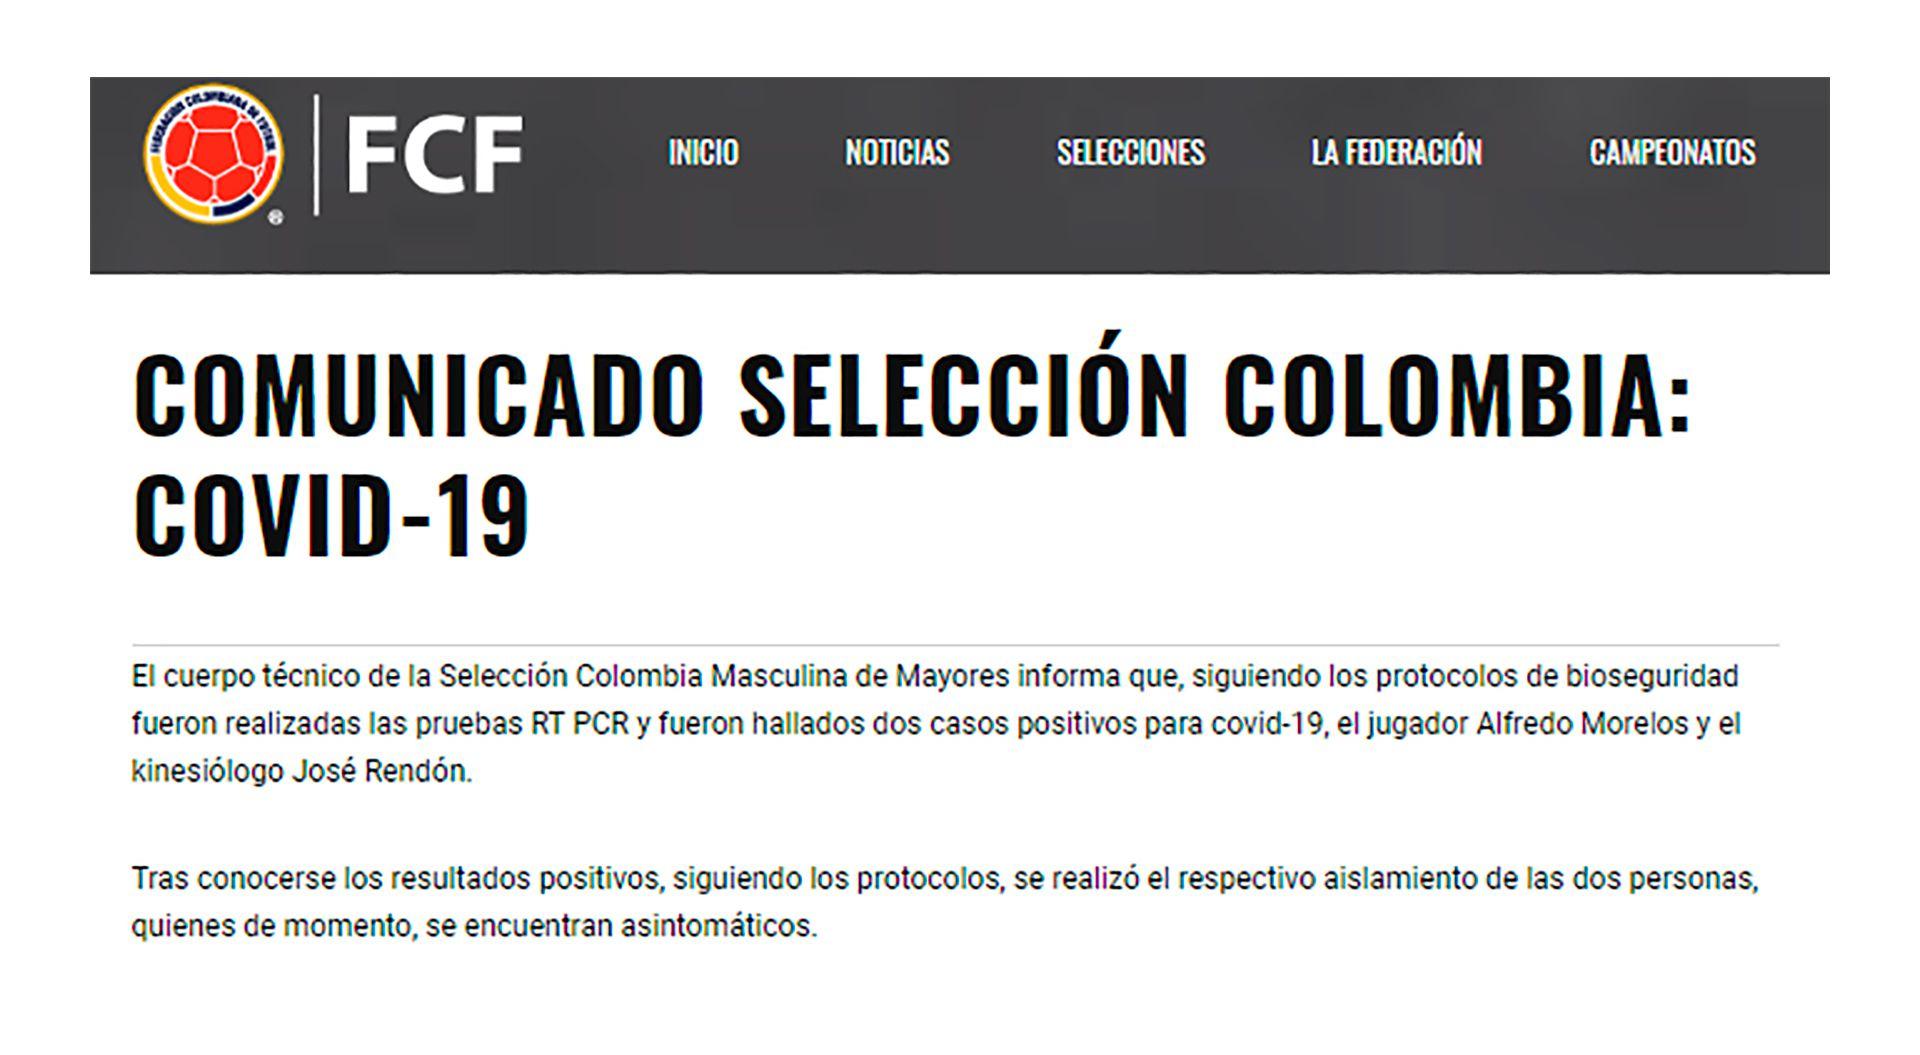 comunicado covid 19 seleccion colombia